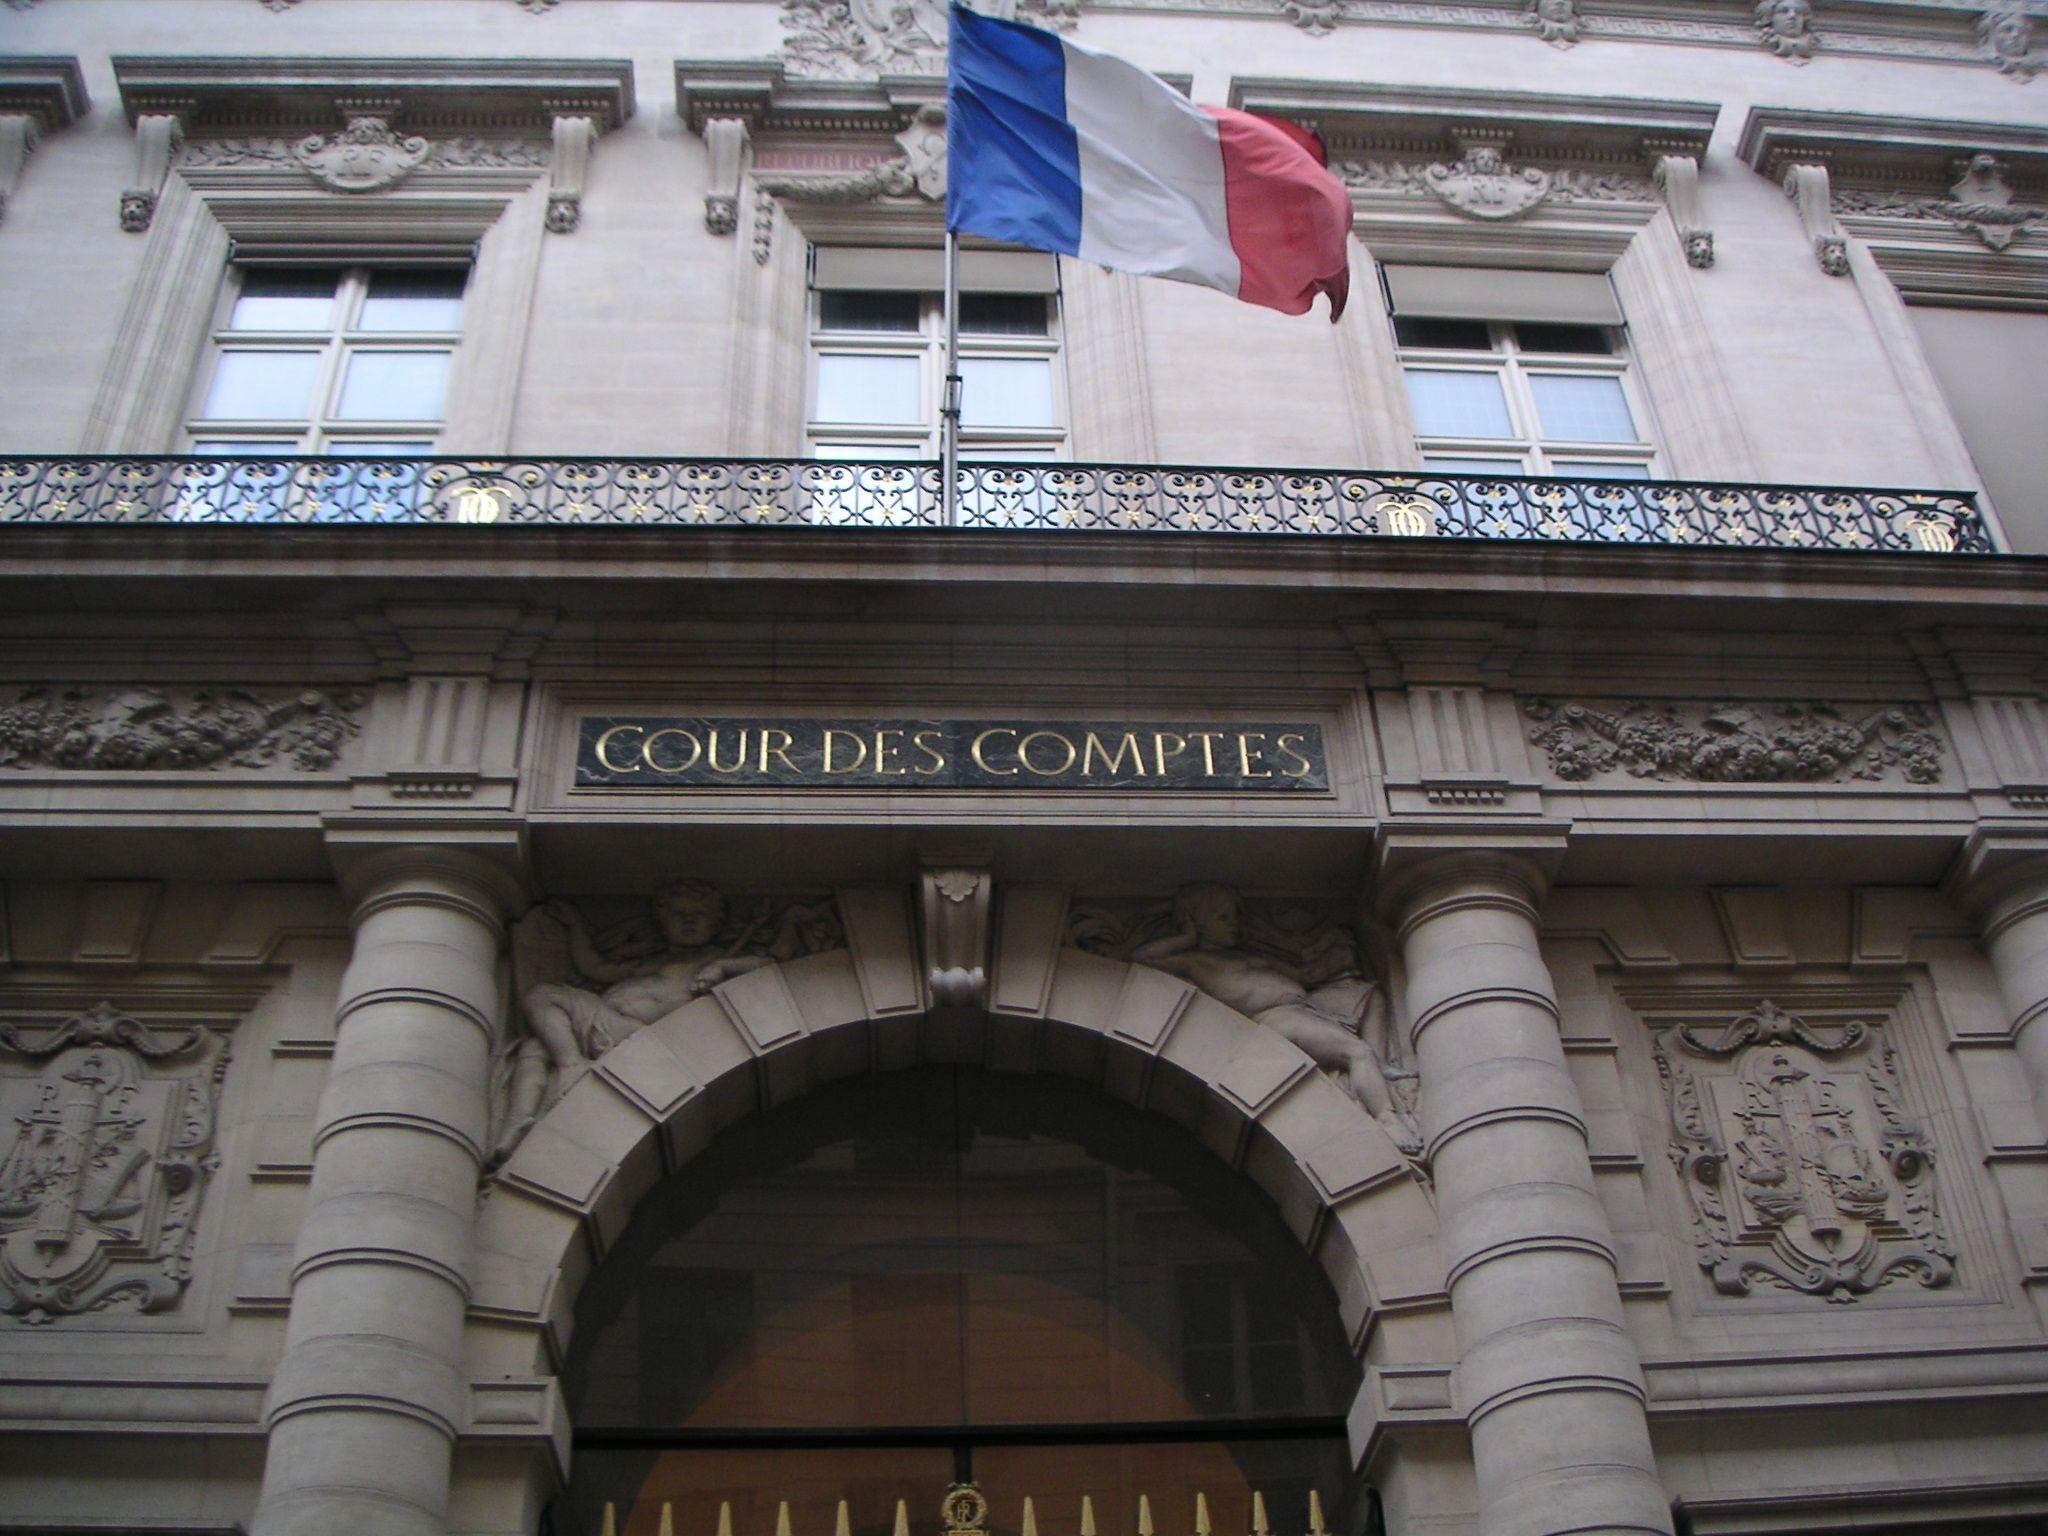 Retraite des fonctionnaires : la Cour des comptes souhaite que le rapprochement public-privé se poursuive